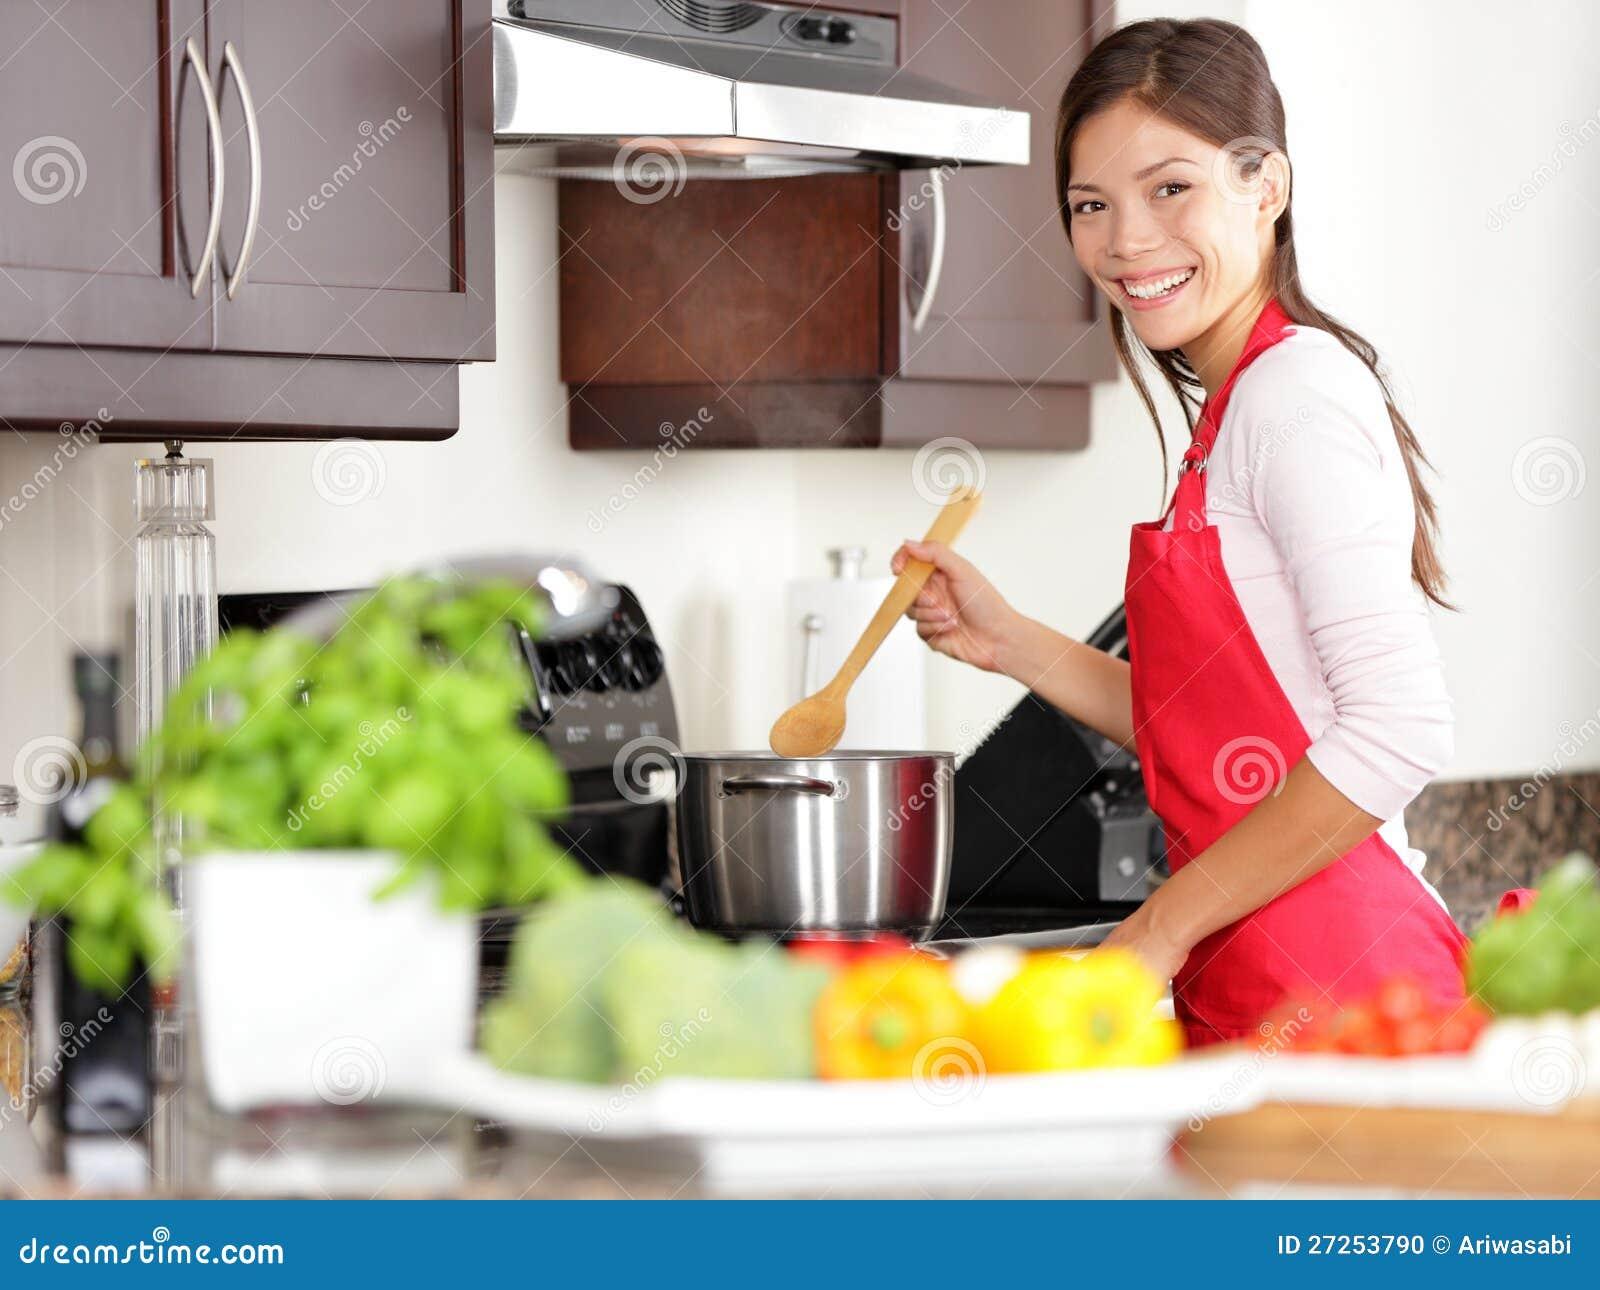 Cocinar a la mujer en cocina foto de archivo imagen de retrato delantal 27253790 - Cocinas de cocinar ...